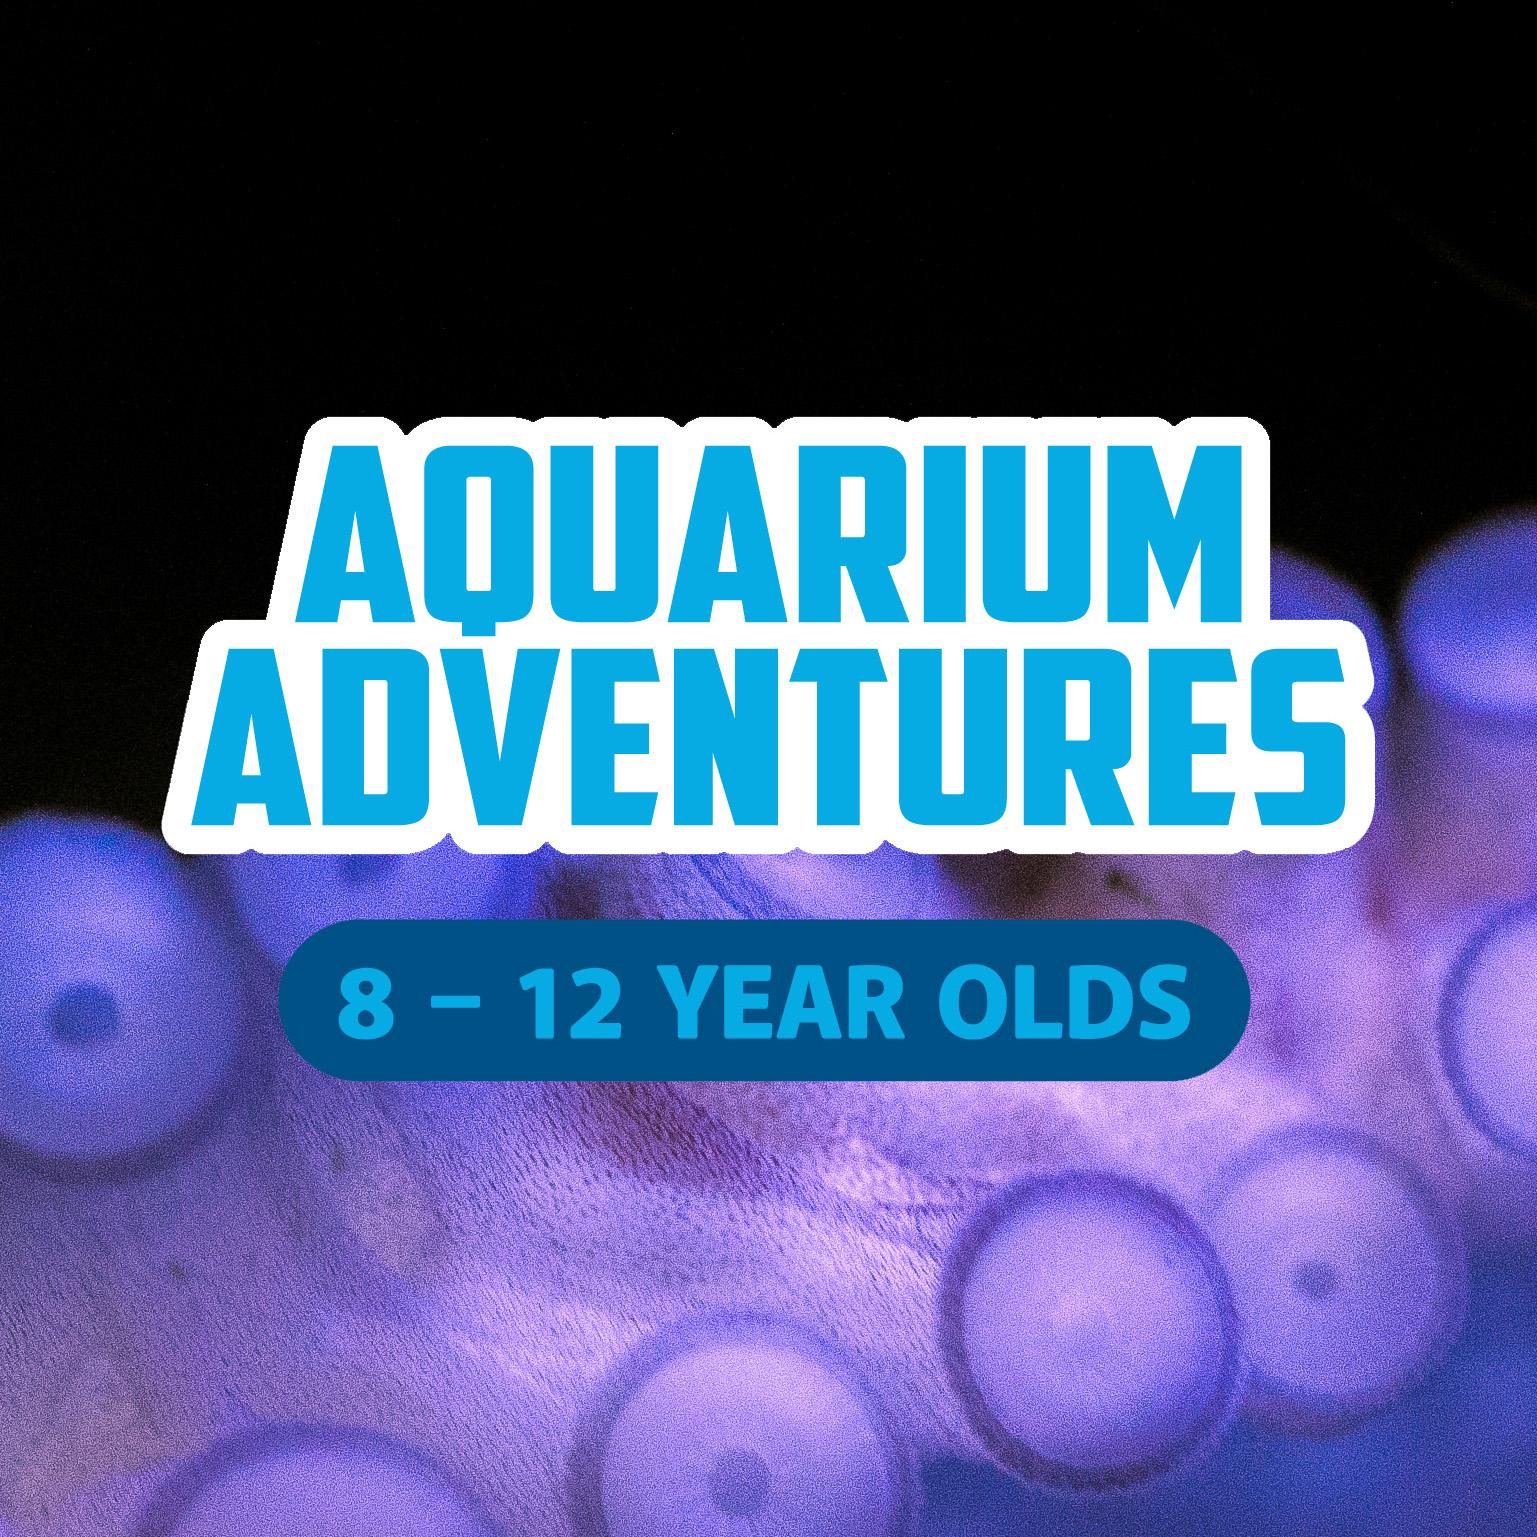 Aquarium Adventures Party | 8 - 12 year olds